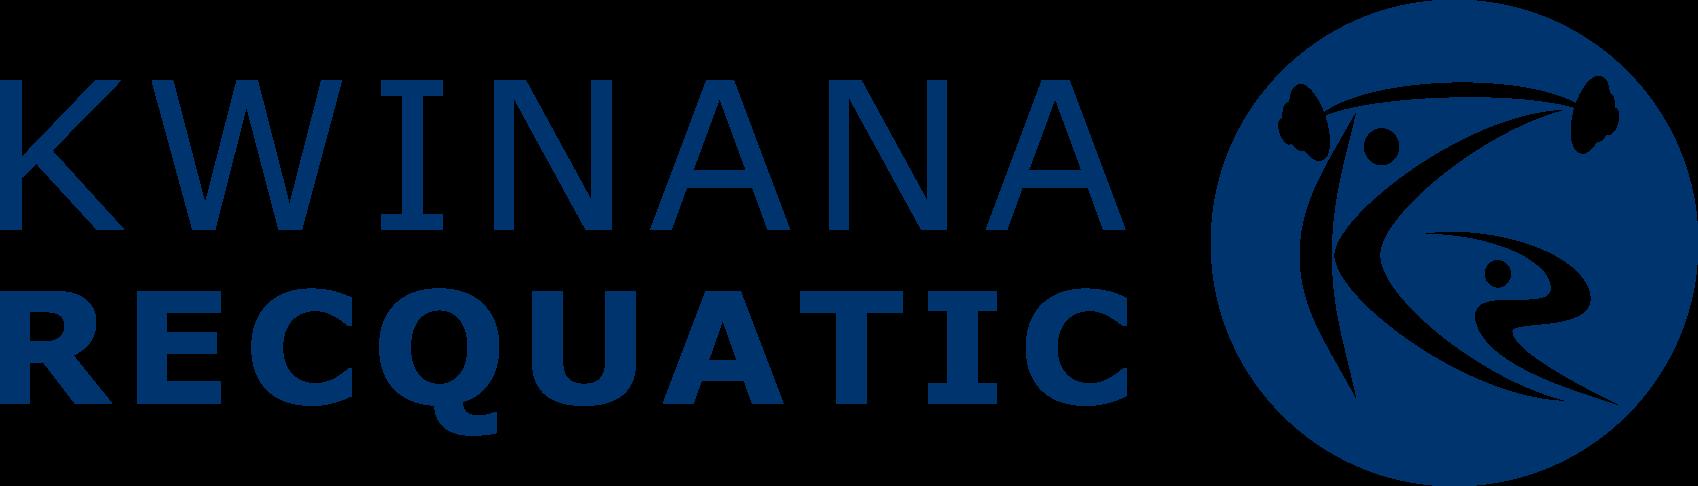 rec logo (clear).png